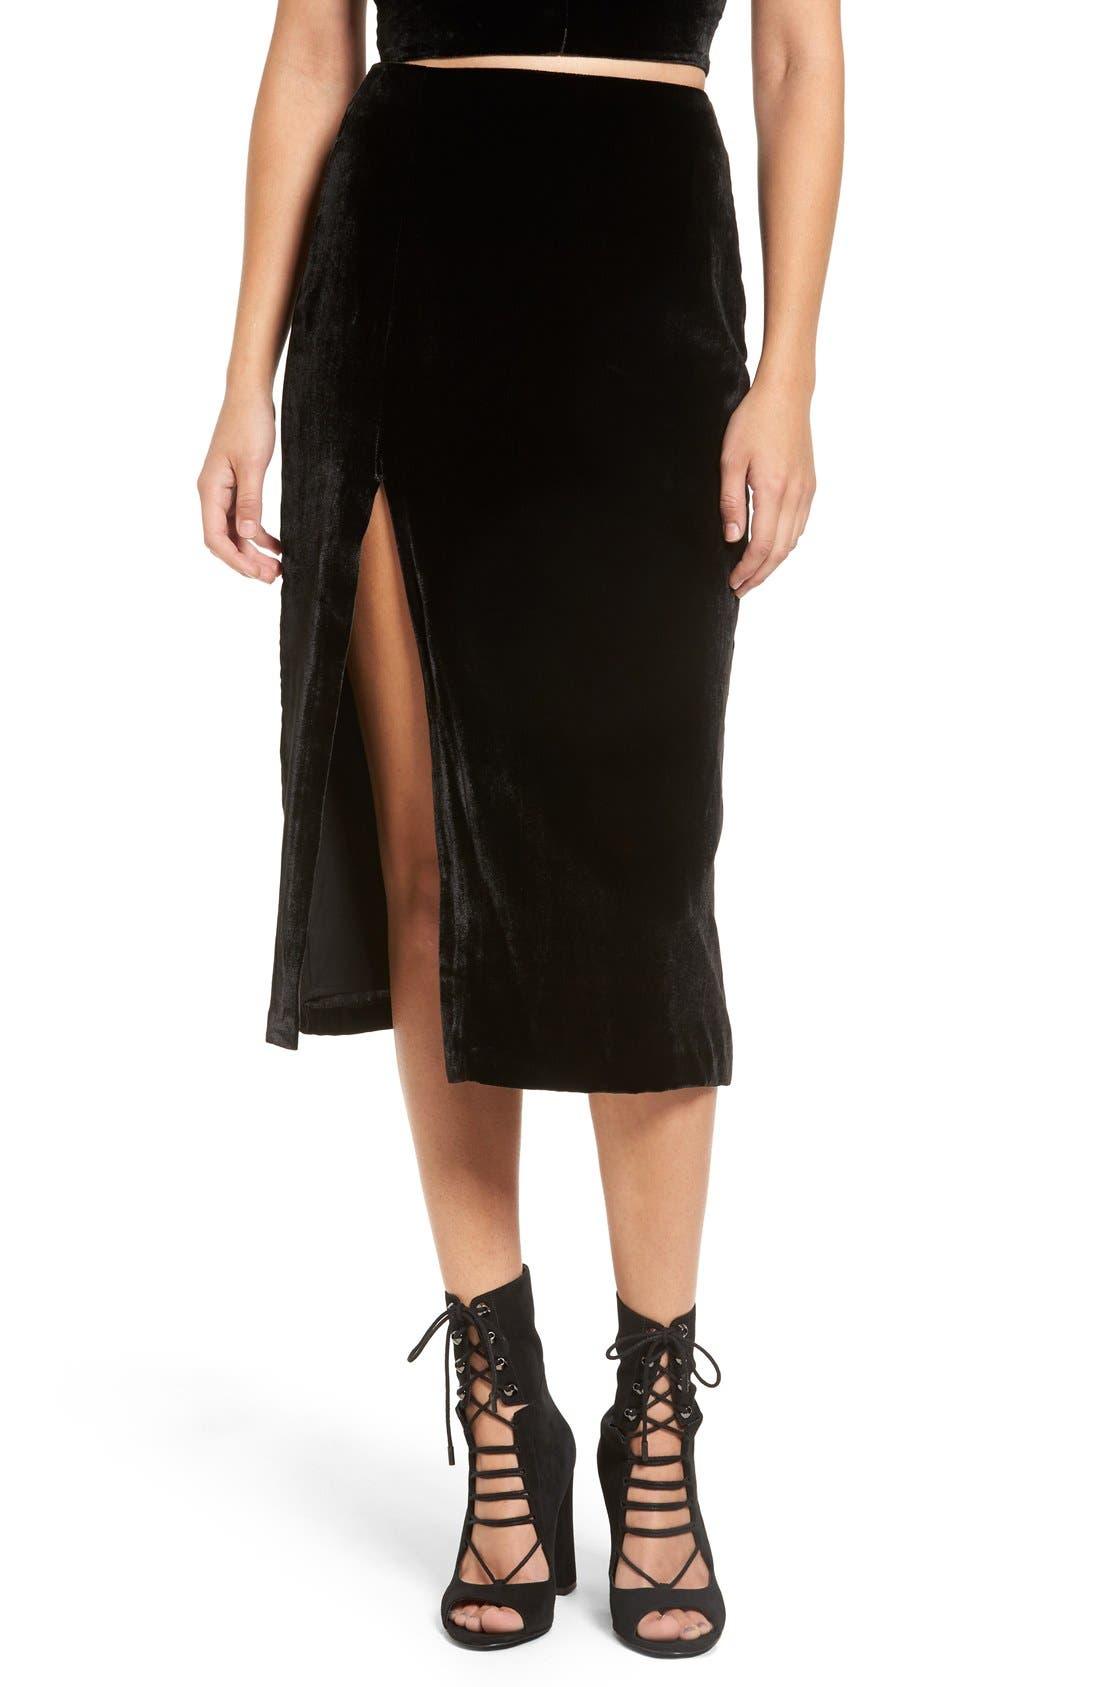 Alternate Image 1 Selected - KENDALL + KYLIE Velvet Midi Skirt